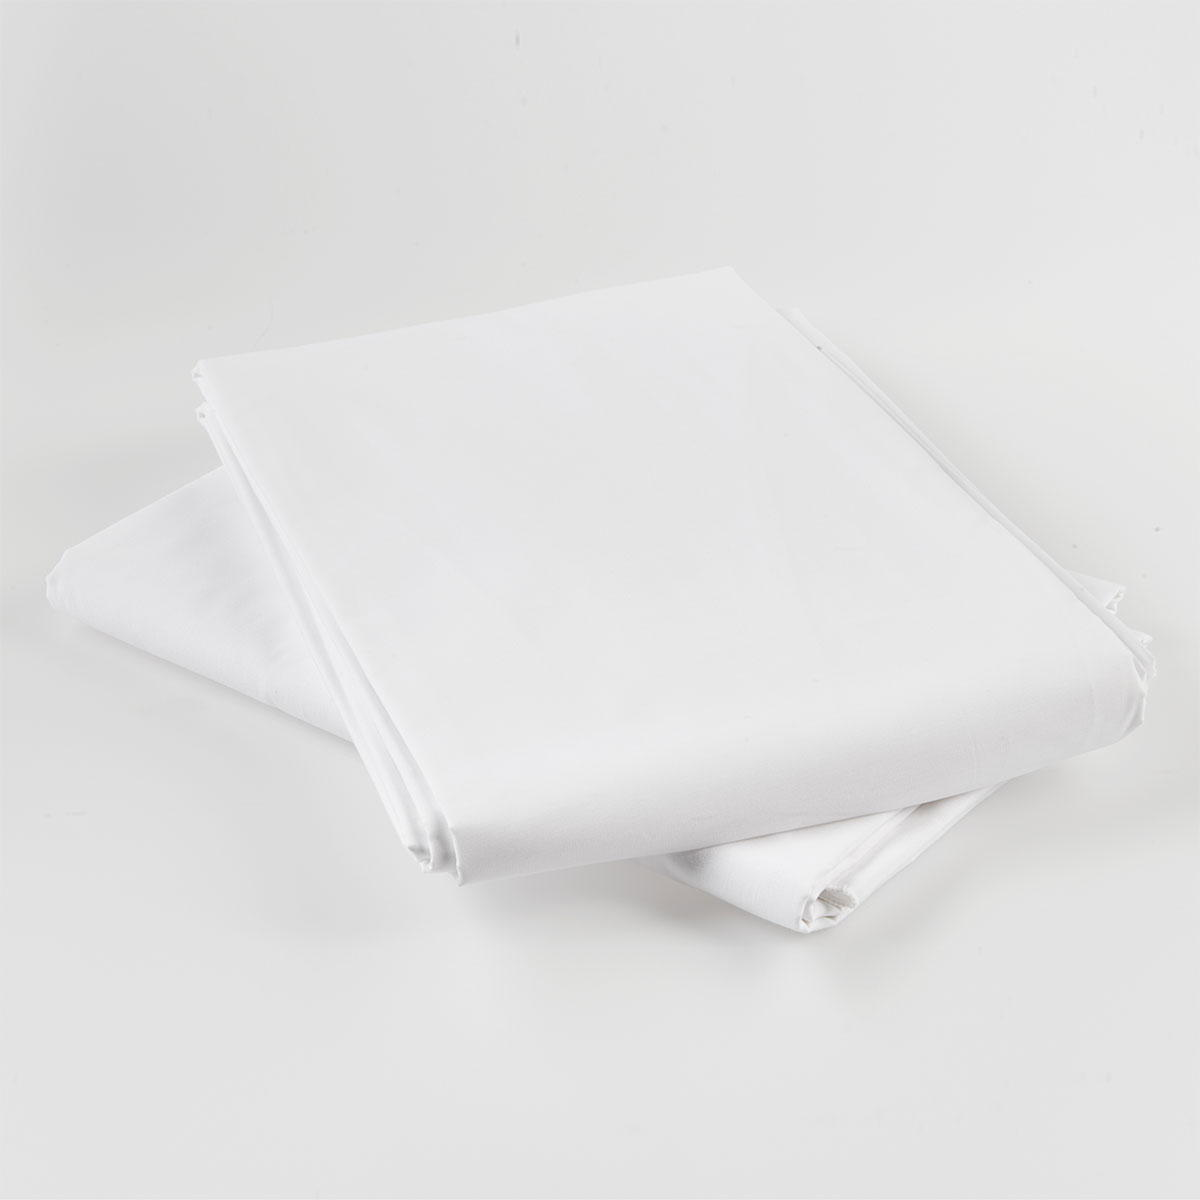 Housse de couette pcn blanc standard textile for Housse de couette blanc